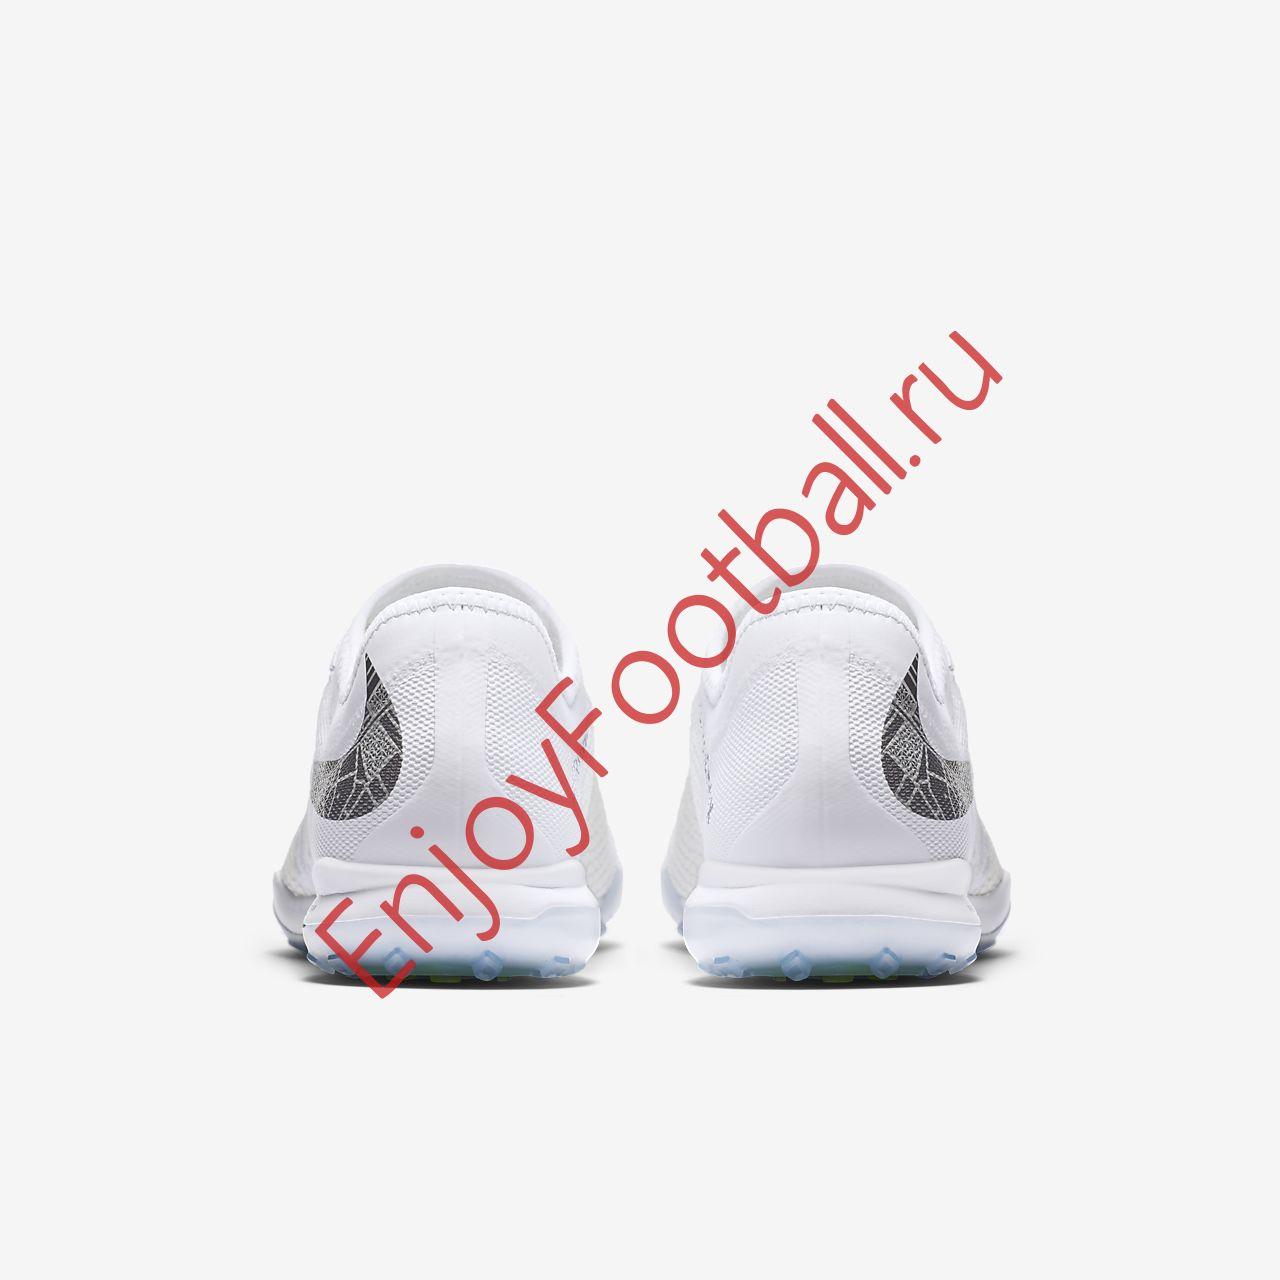 59085a95495 Шиповки NIKE ZOOM PHANTOMX 3 PRO TF AJ3817-107 SR купить в интернет ...